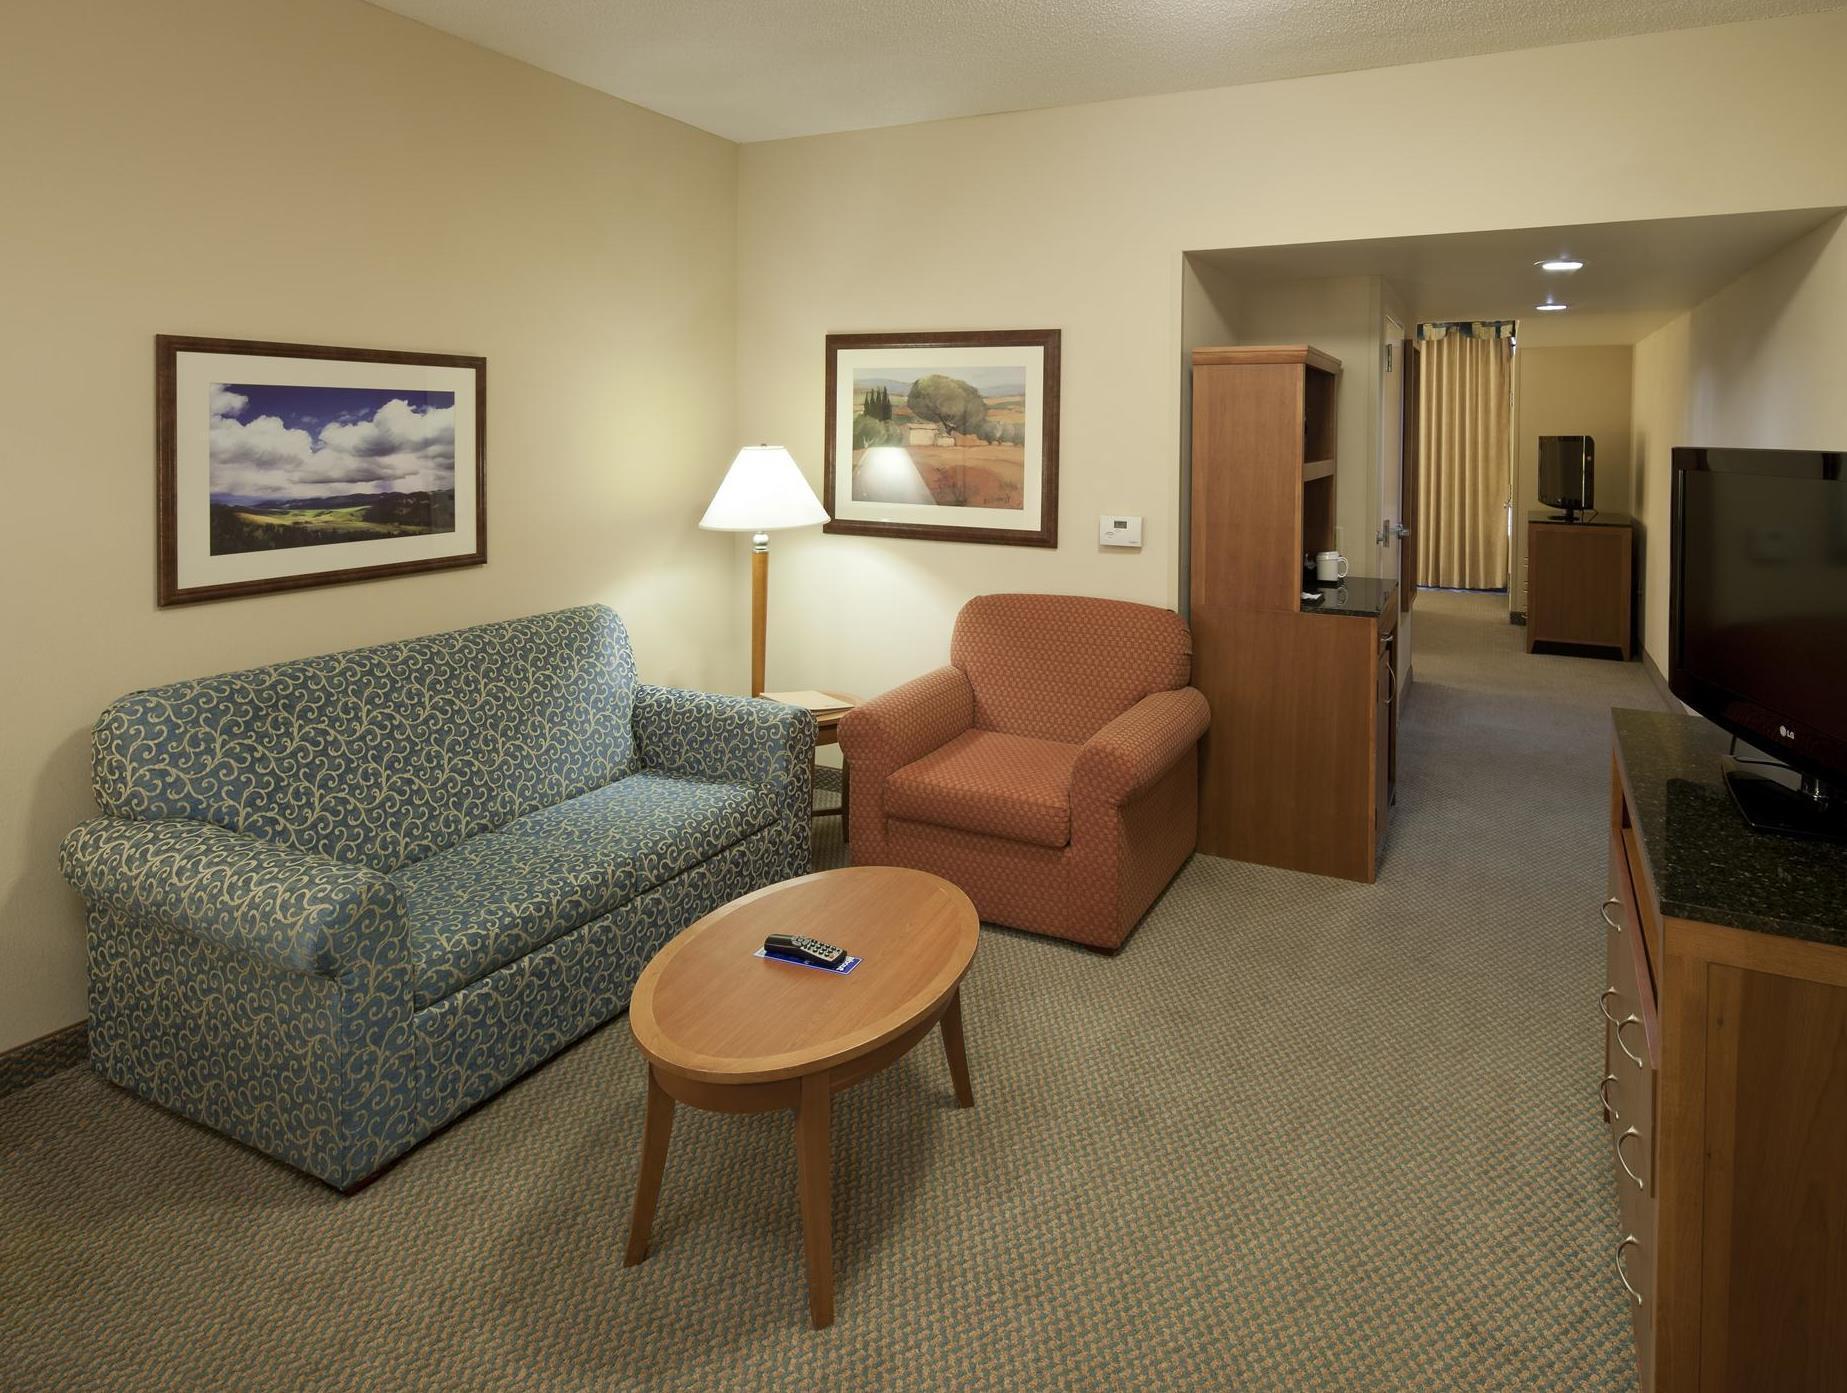 Hilton Garden Inn Fredericksburg Va - growswedes.com -